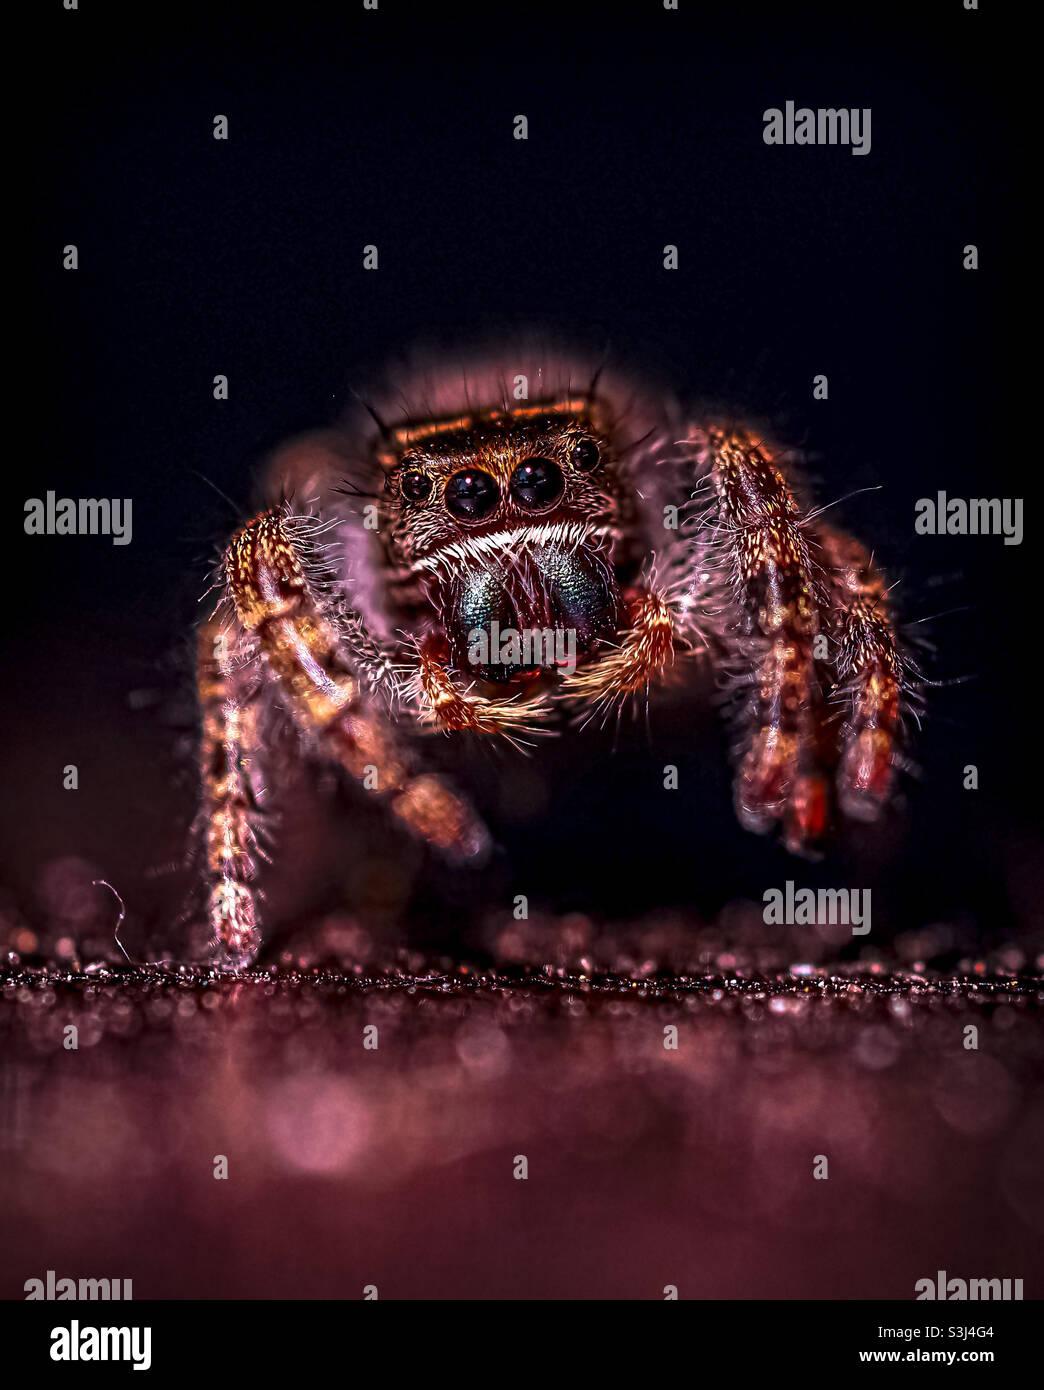 Bashful sautant l'araignée vers midi après qu'elle ait dîné dans une mouche commune. Banque D'Images